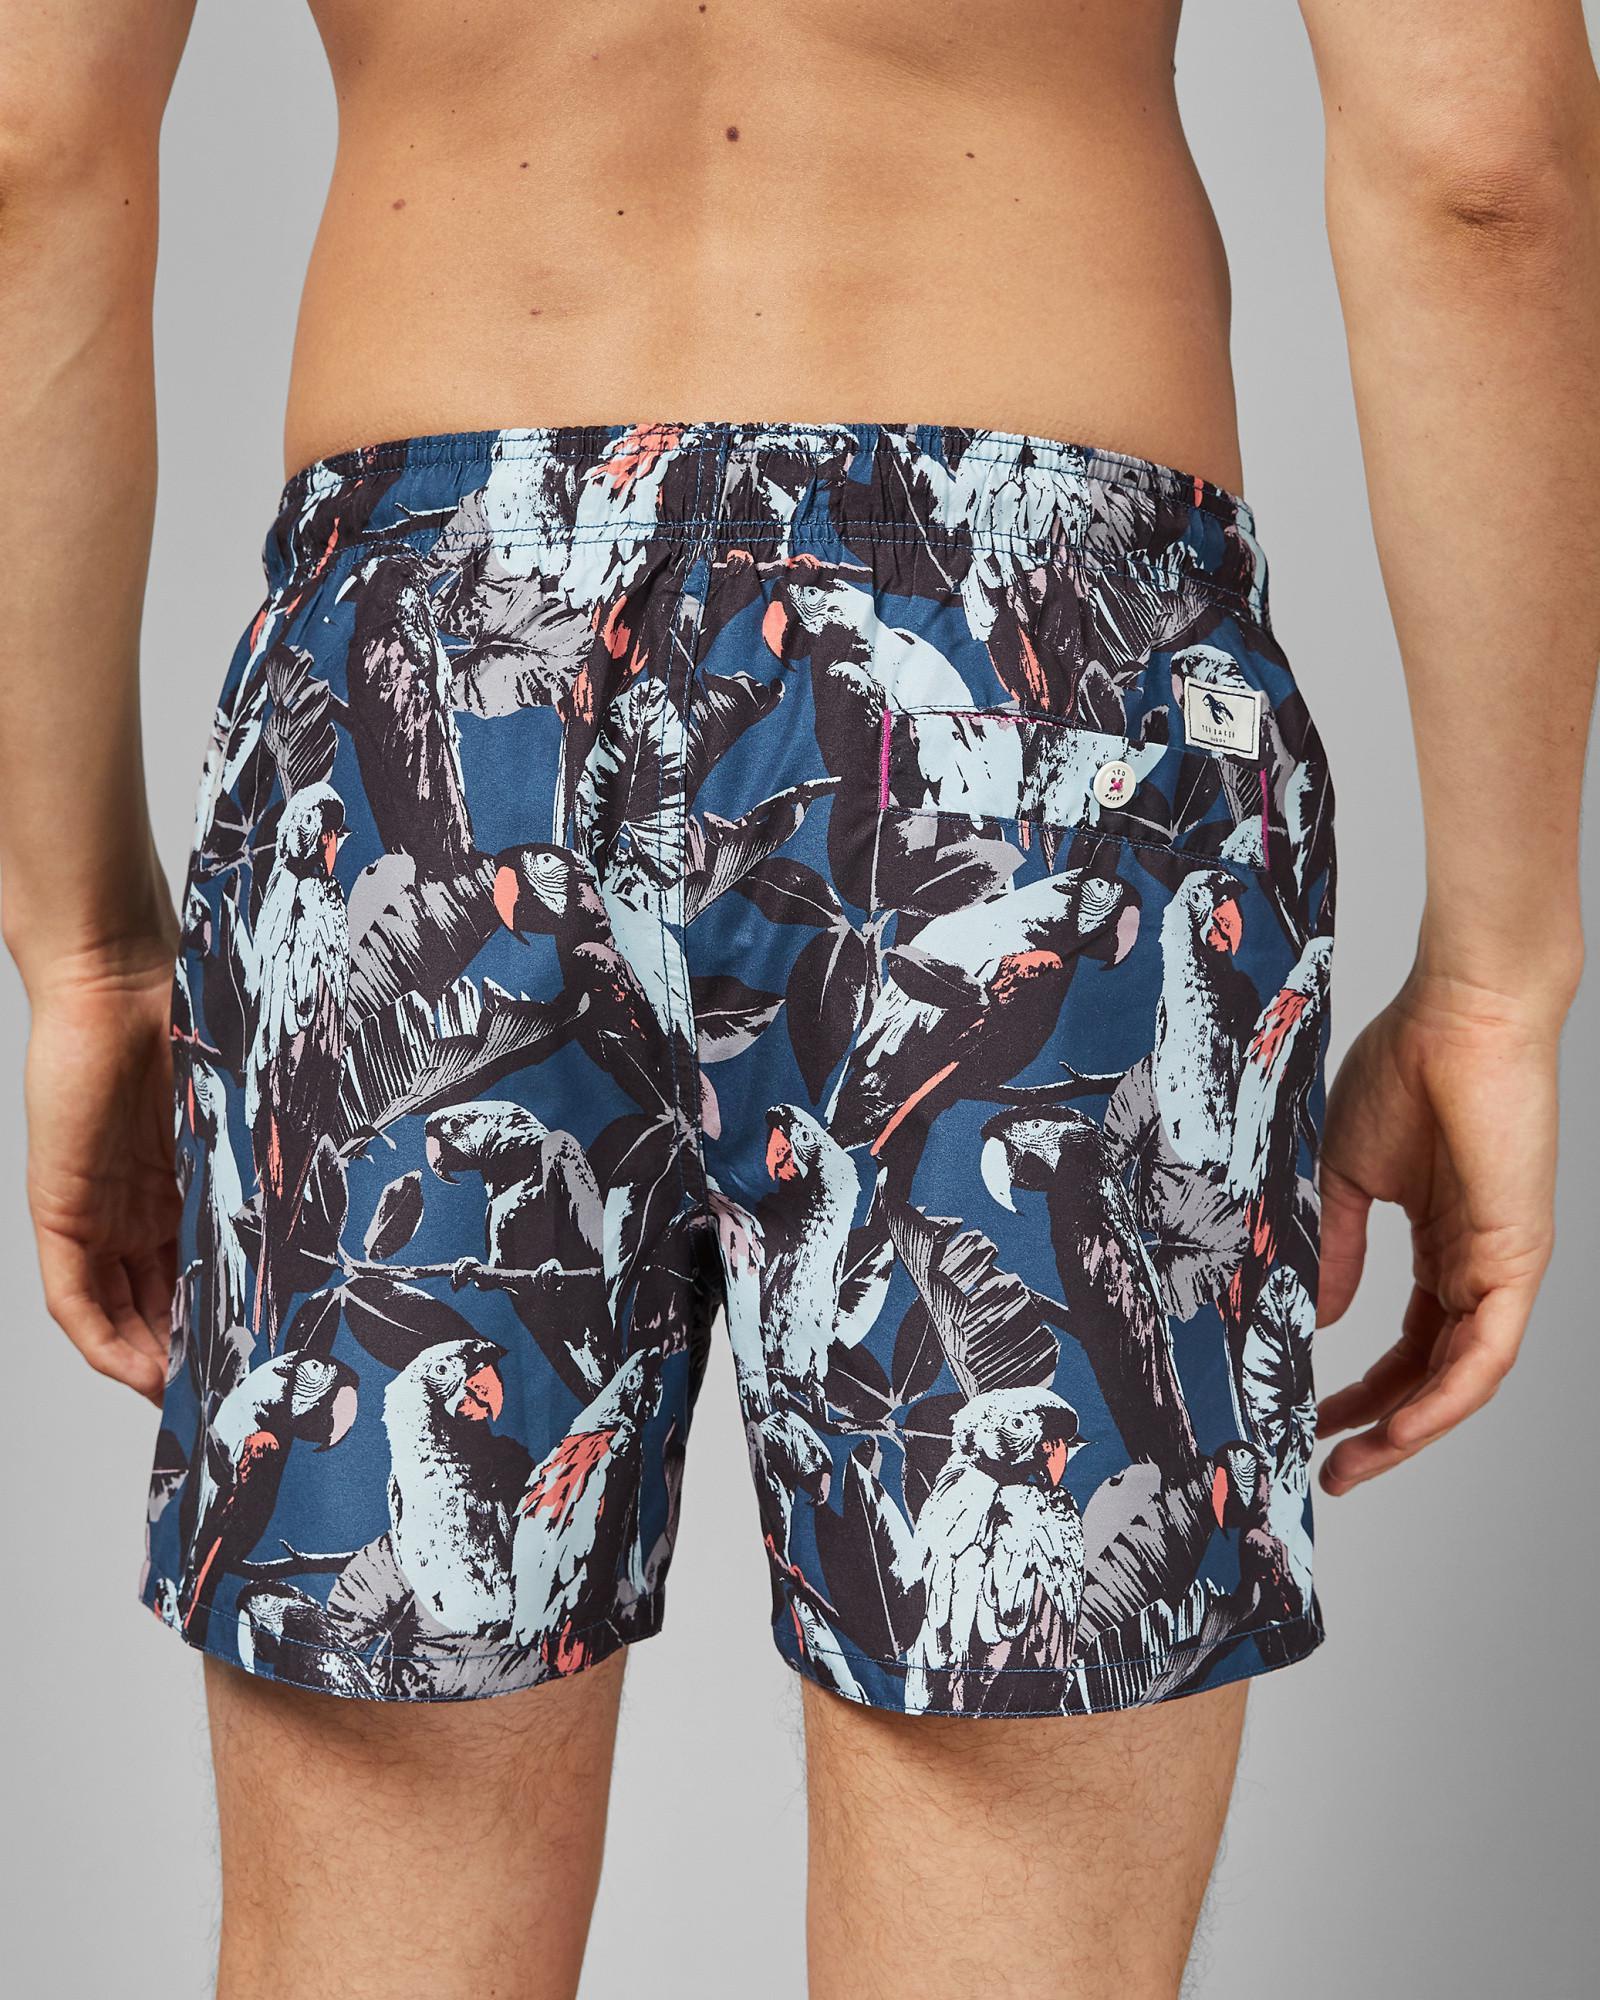 dedf16cd01 Lyst - Ted Baker Parrot Print Short Swim Shorts in Blue for Men